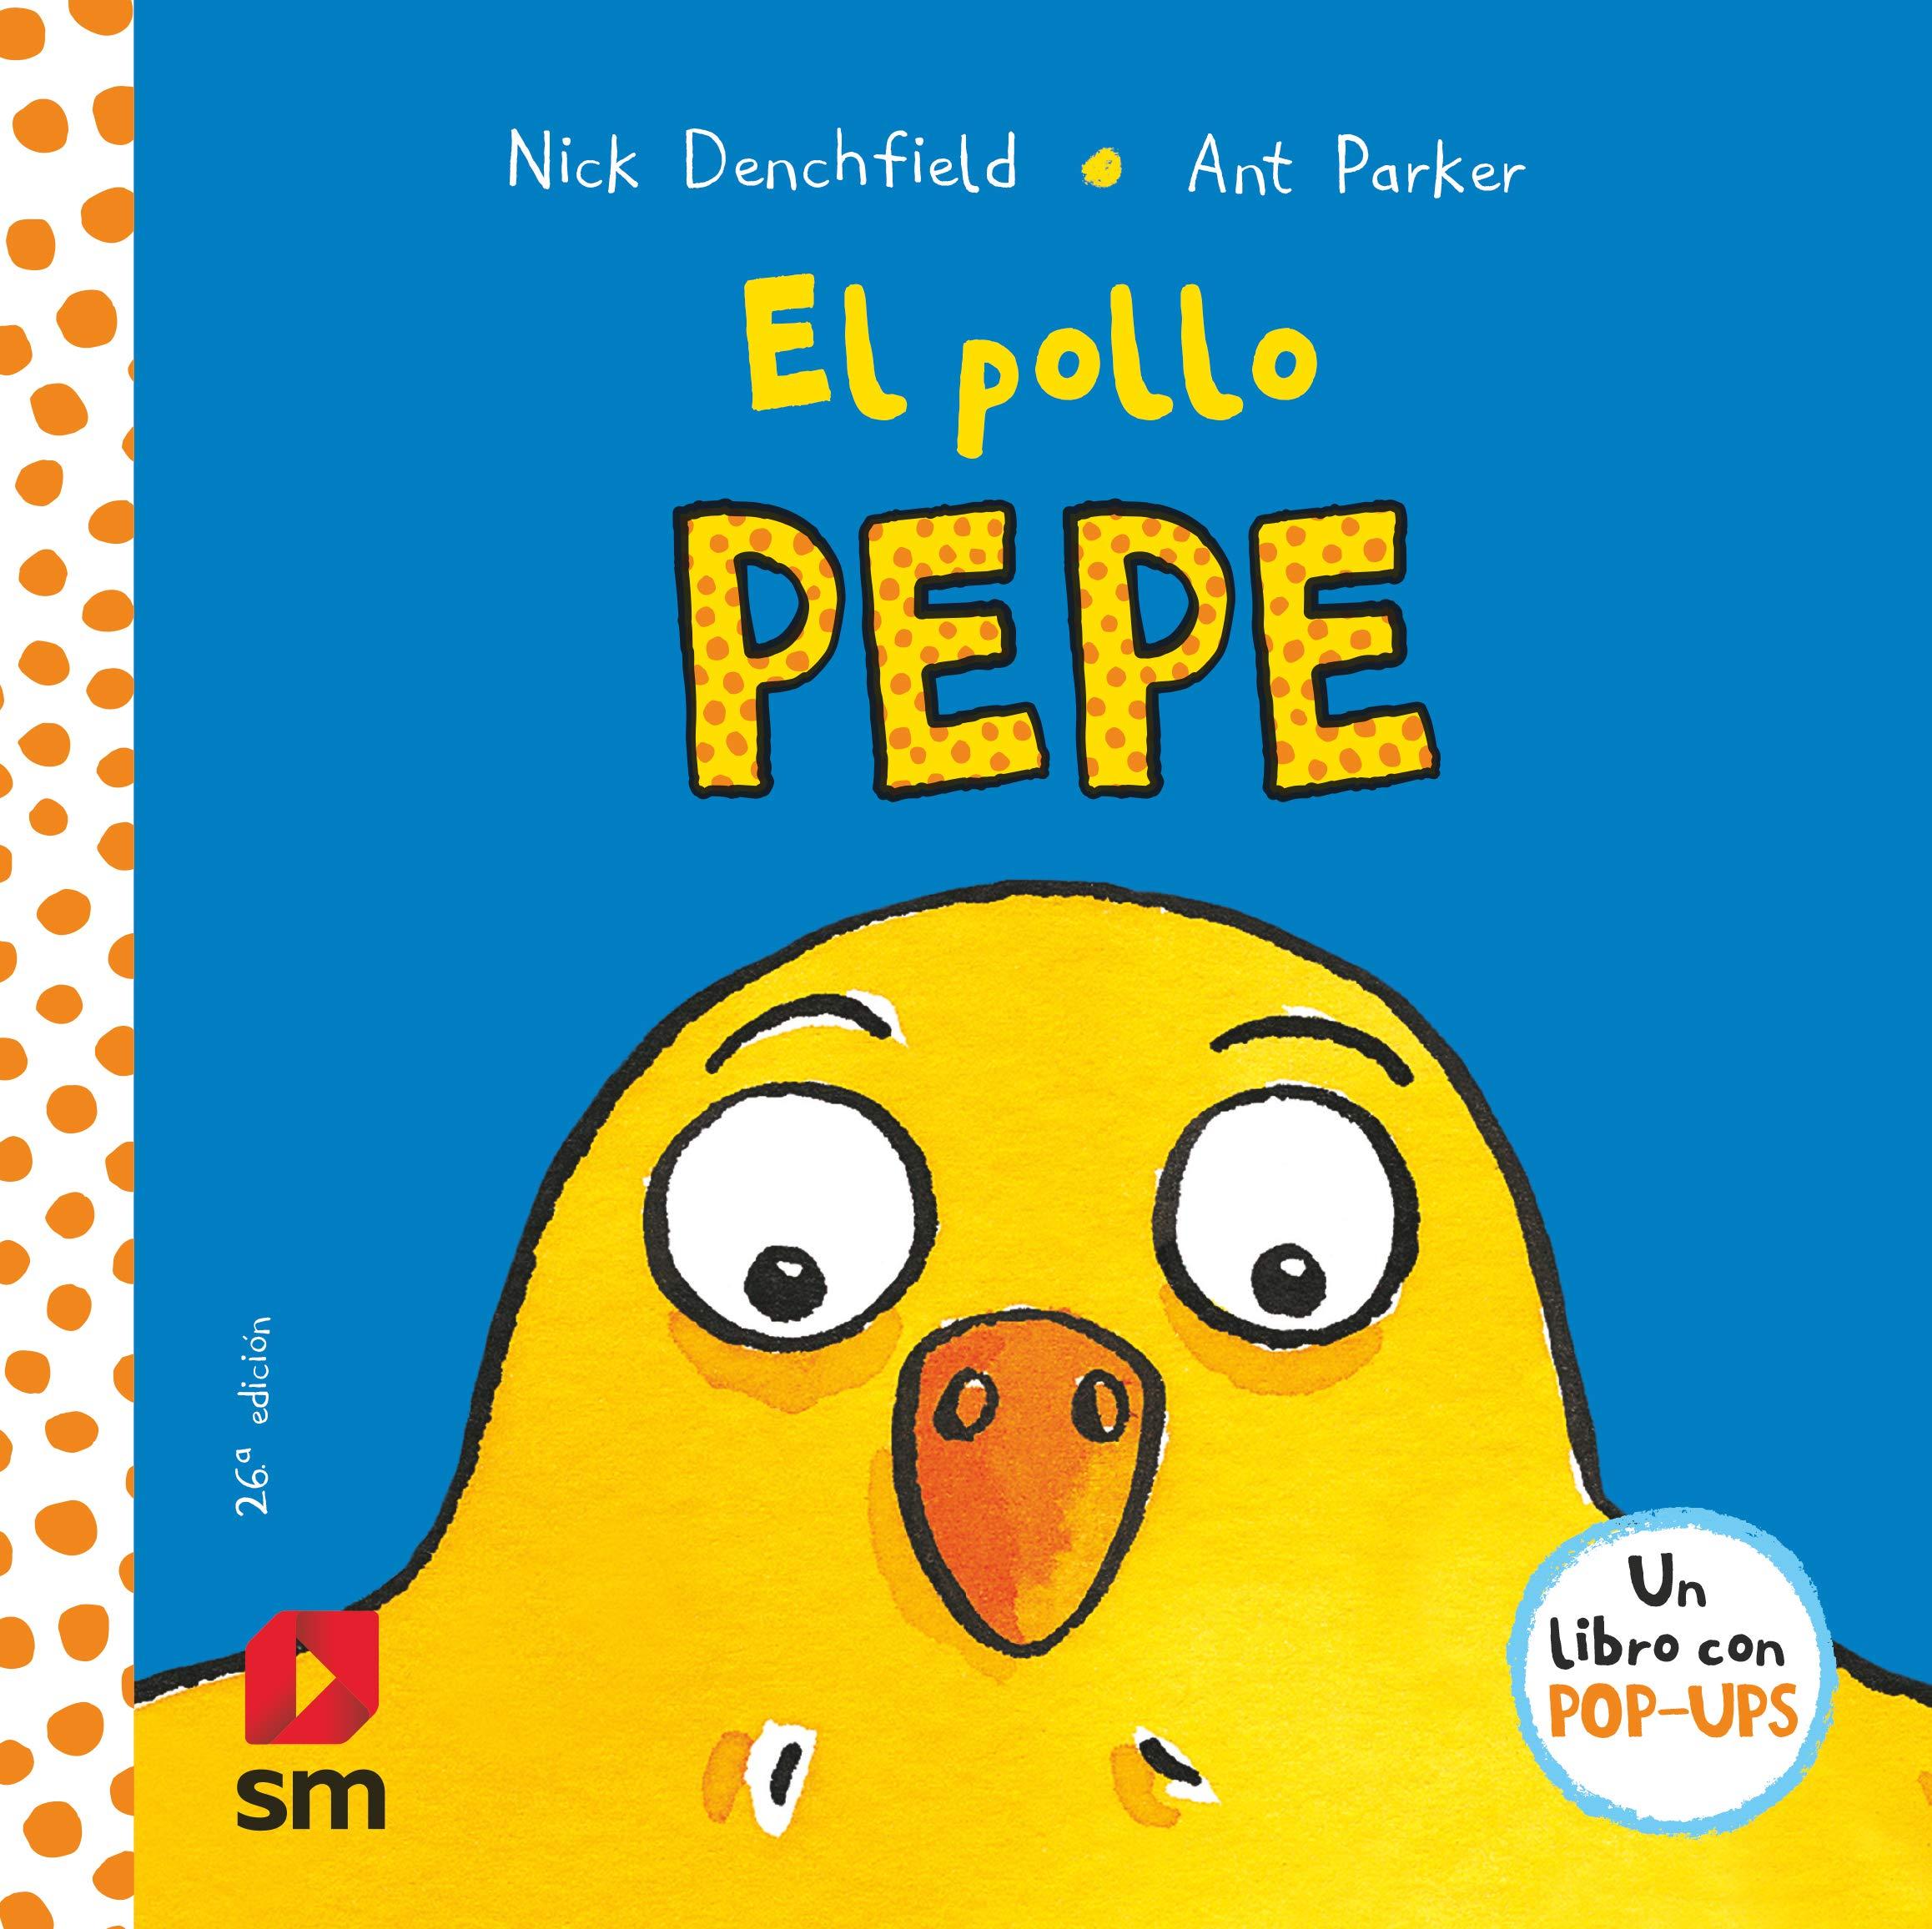 El pollo Pepe (El pollo Pepe y sus amigos): Amazon.es: Denchfield, Nick:  Libros